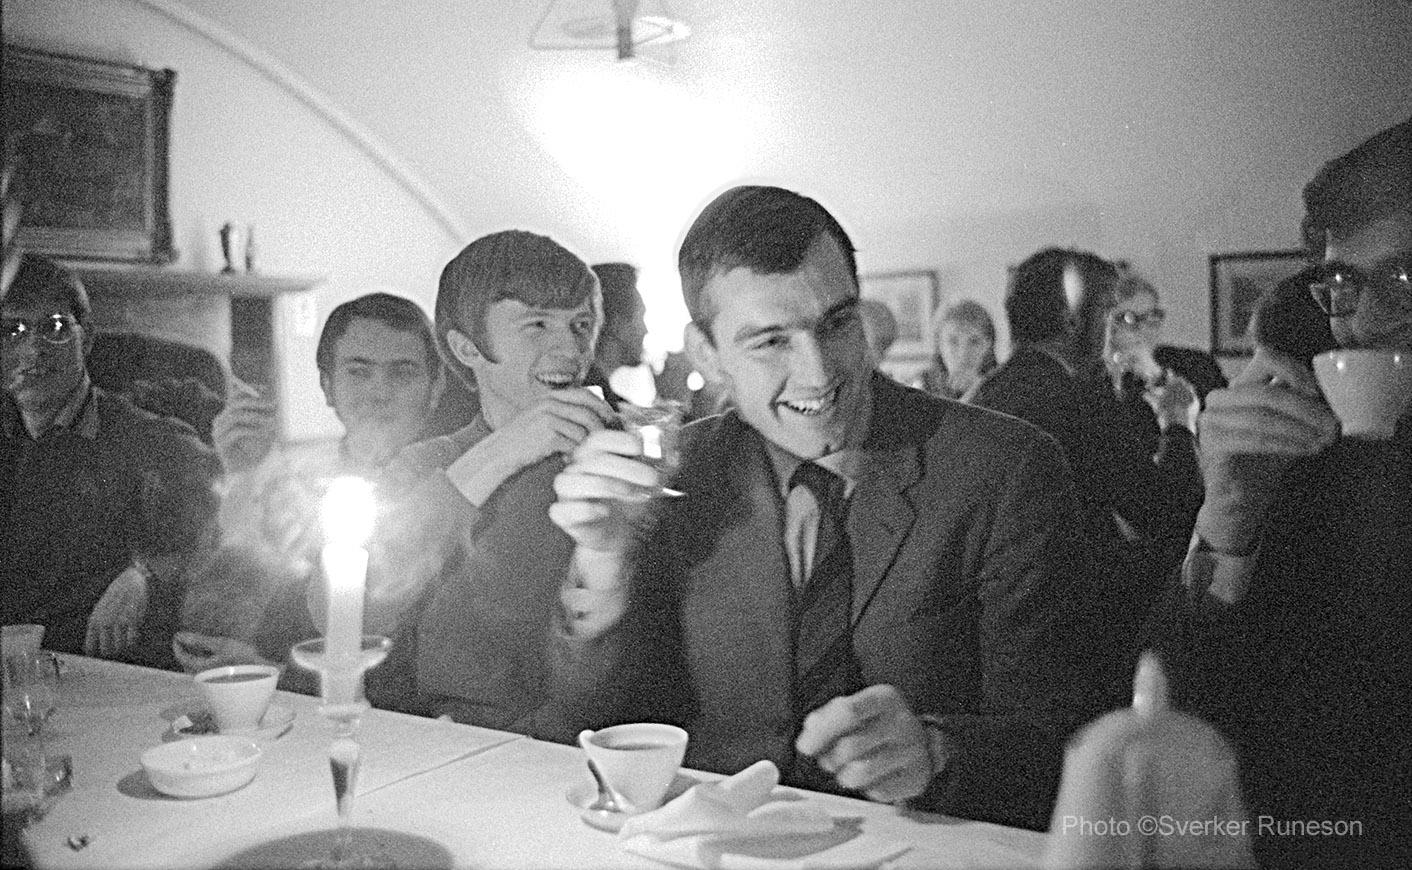 Västgöta Nation, Kinnekullerummet. Sexa efter Nationssammankomst 12/12 1967. Från vänster: Gunnar Sjöholm, Håkan Käck, Mats Flodén, Åke Becker.